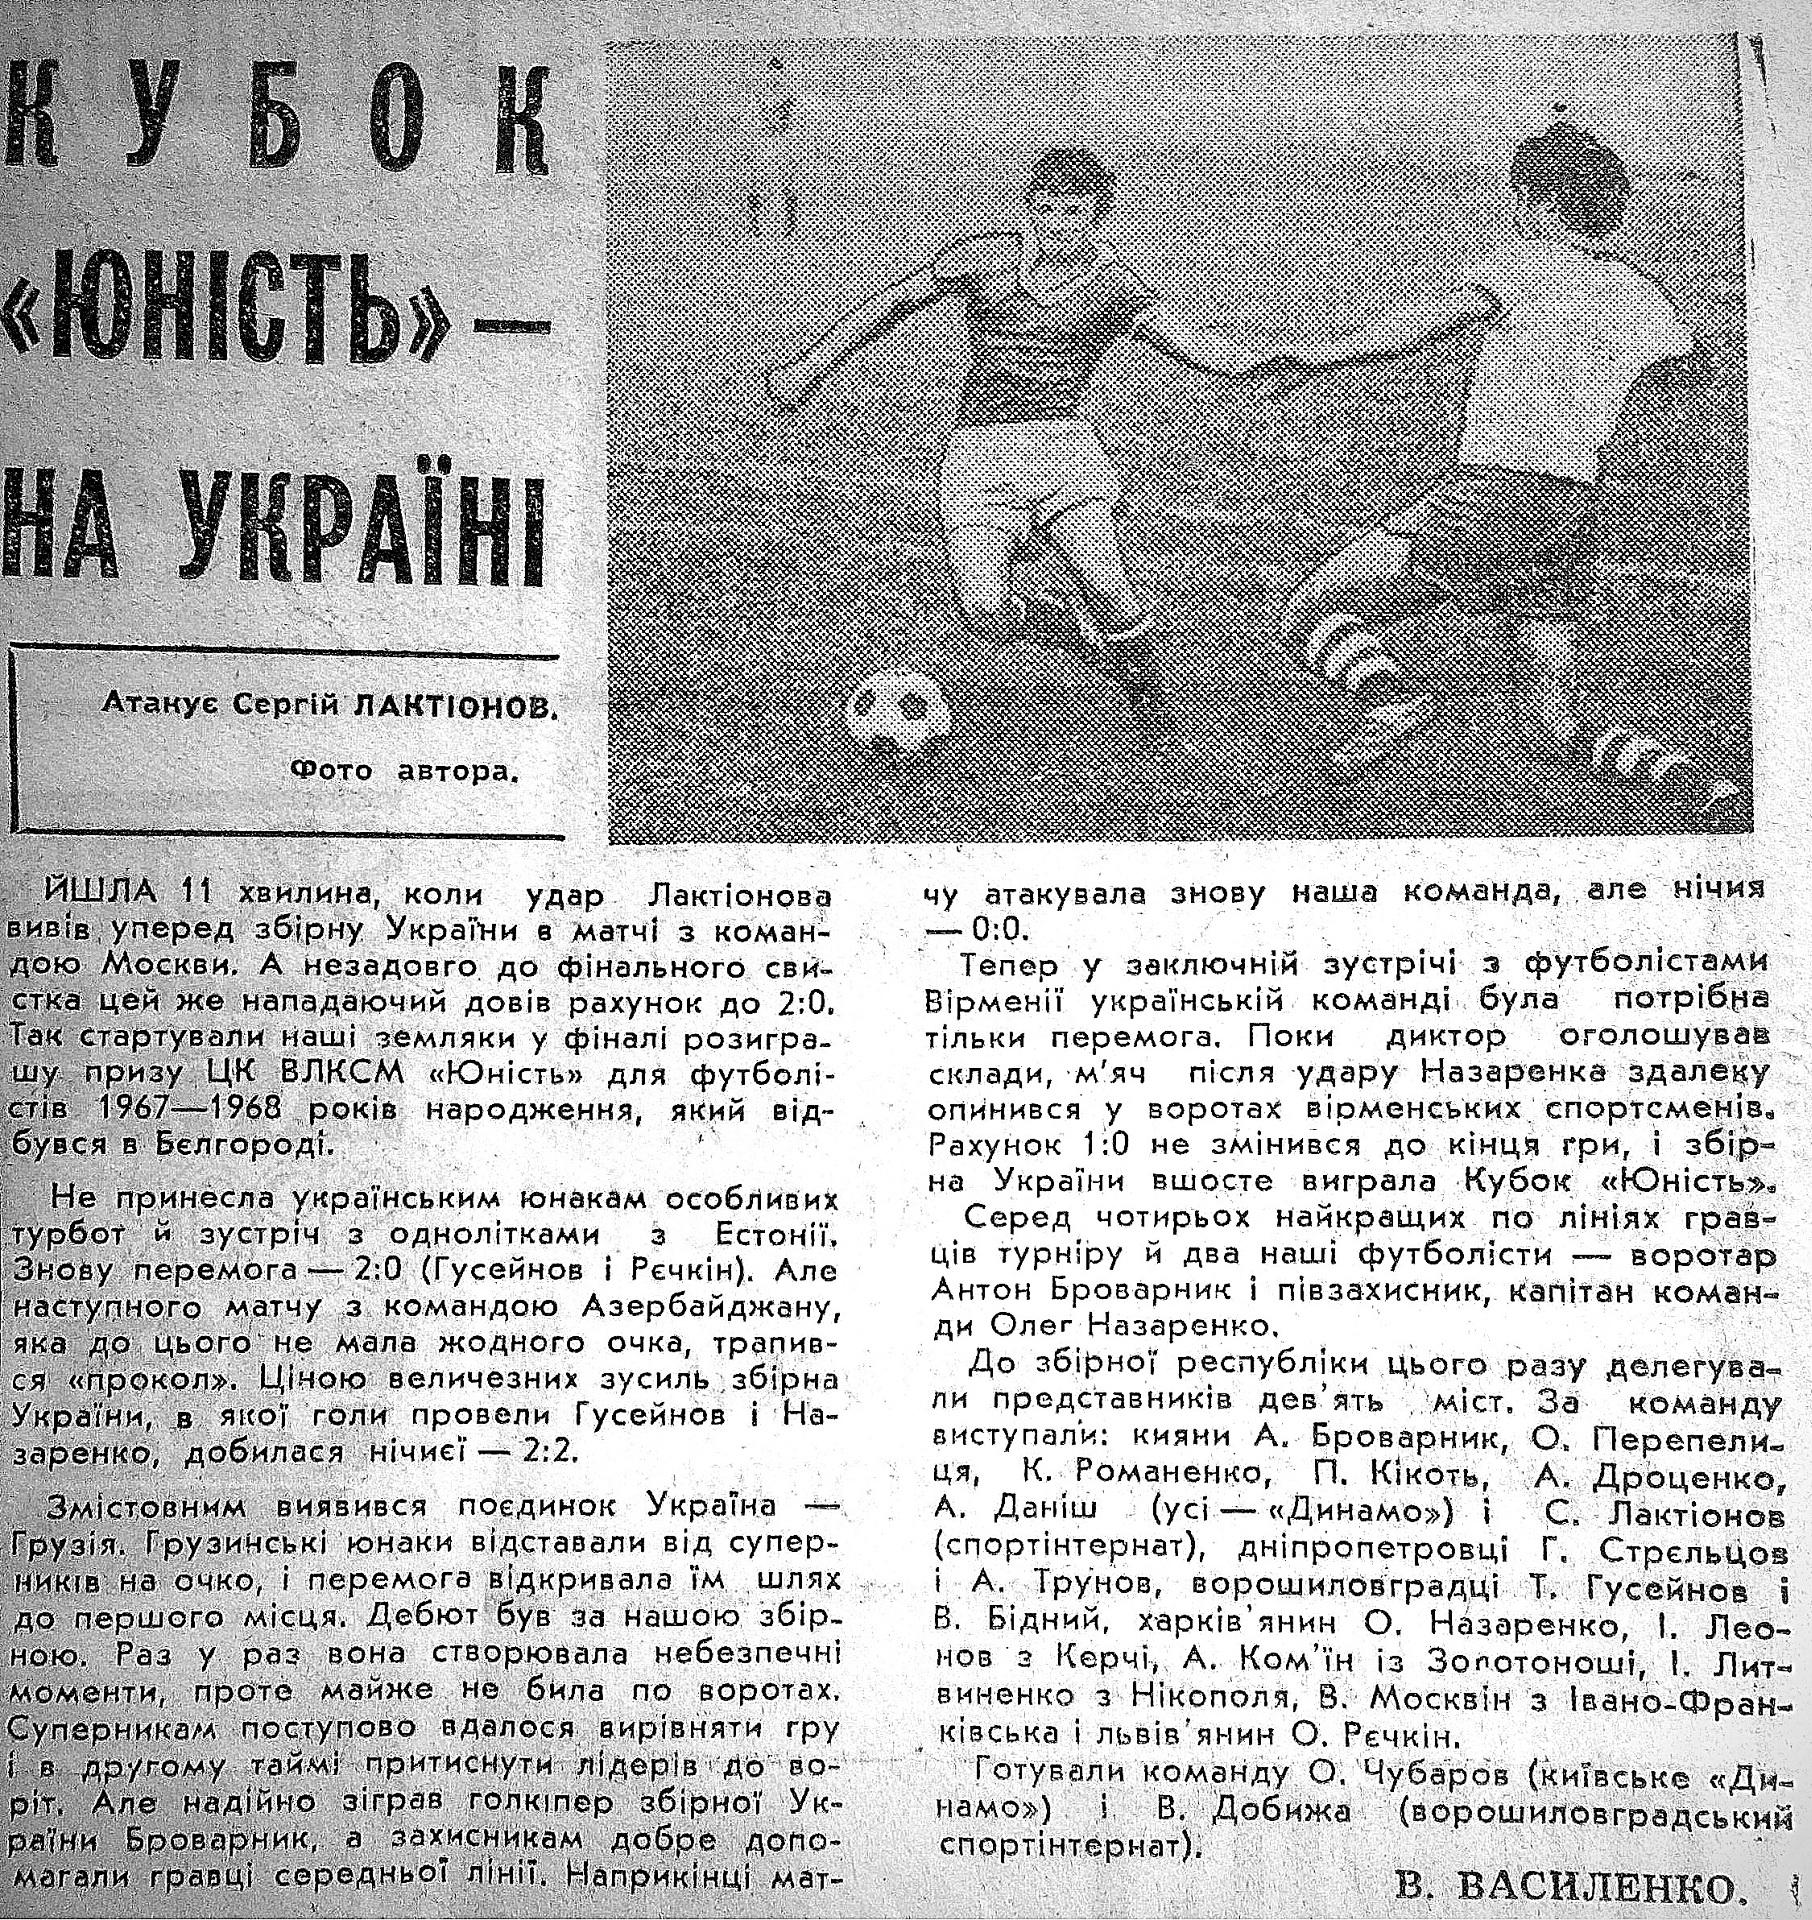 Кубок Юність - на Україні